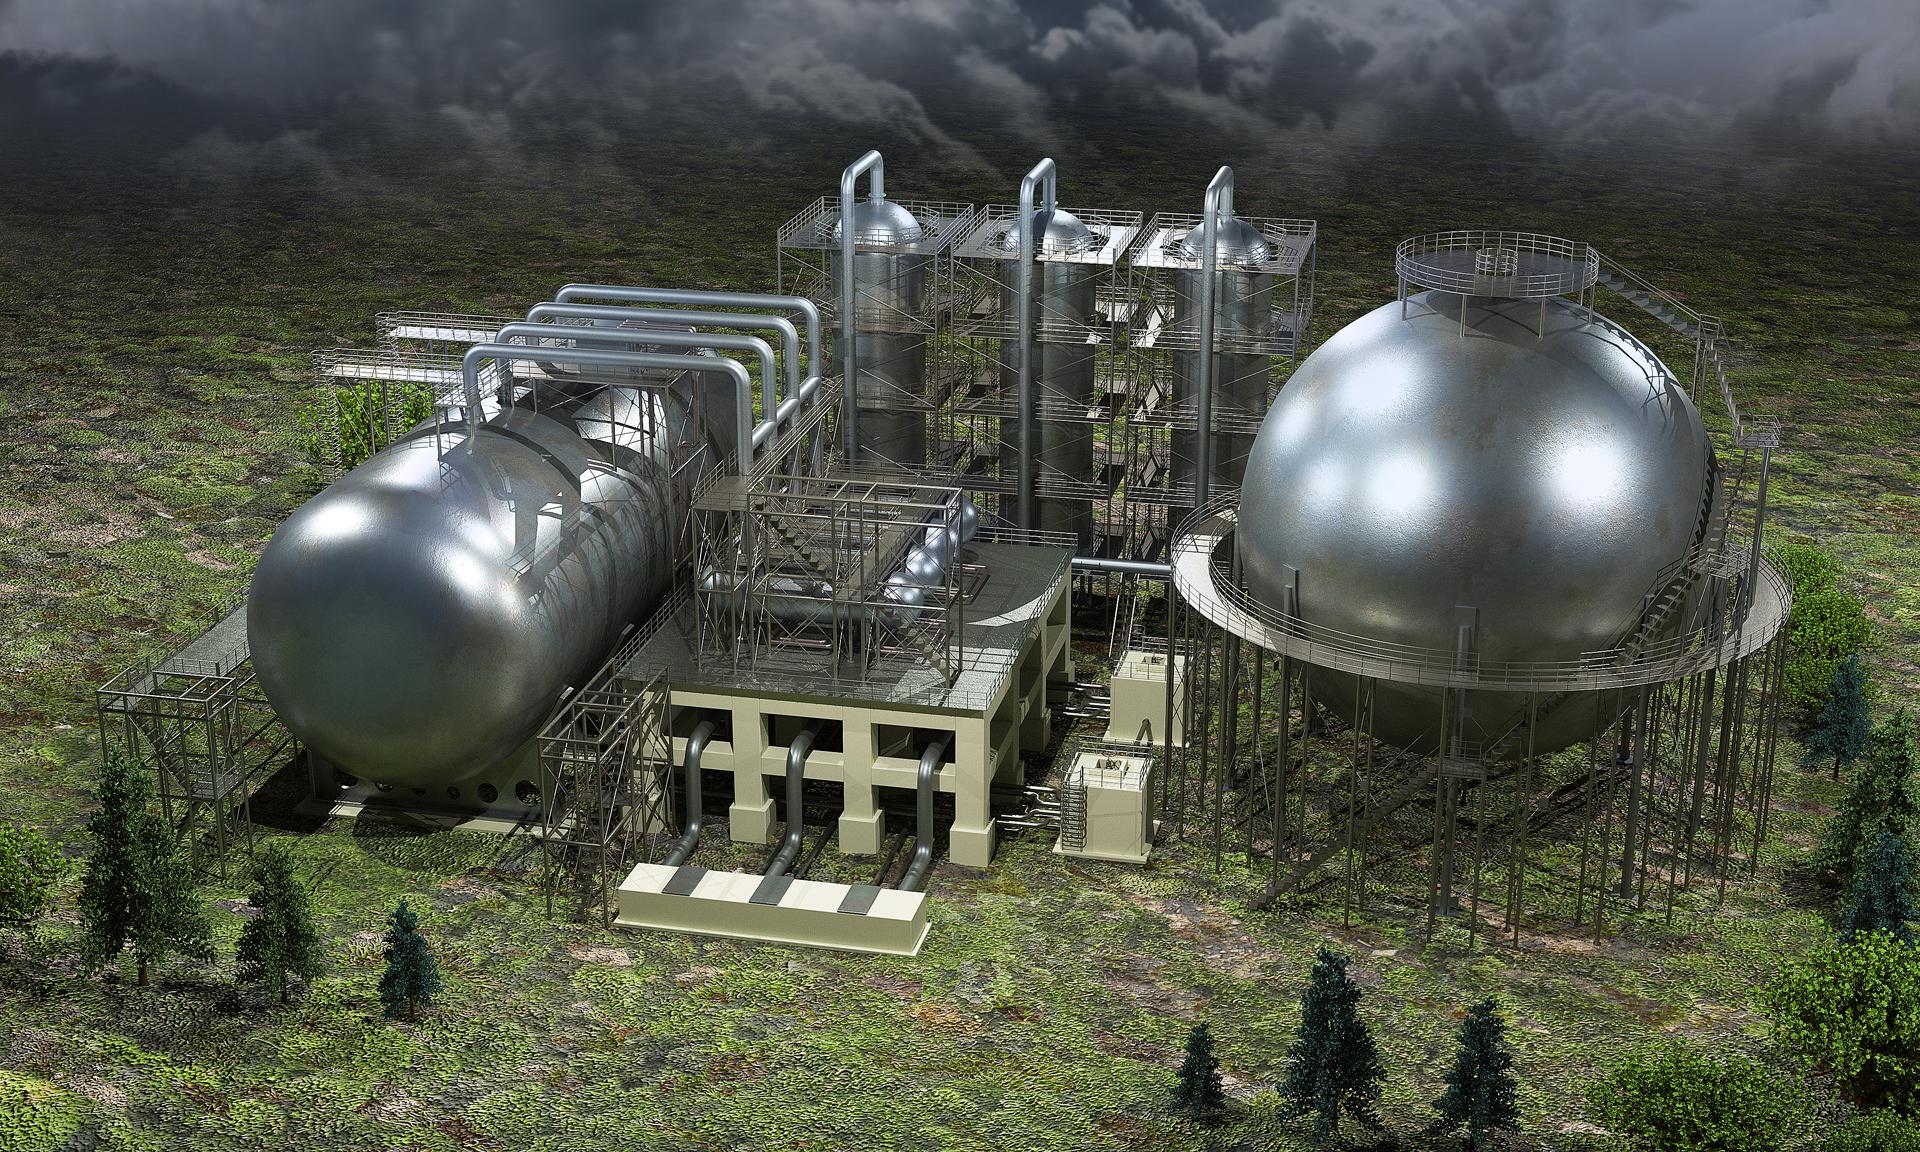 Завод по переработке и хранению нефтепродуктов_строение без БСК